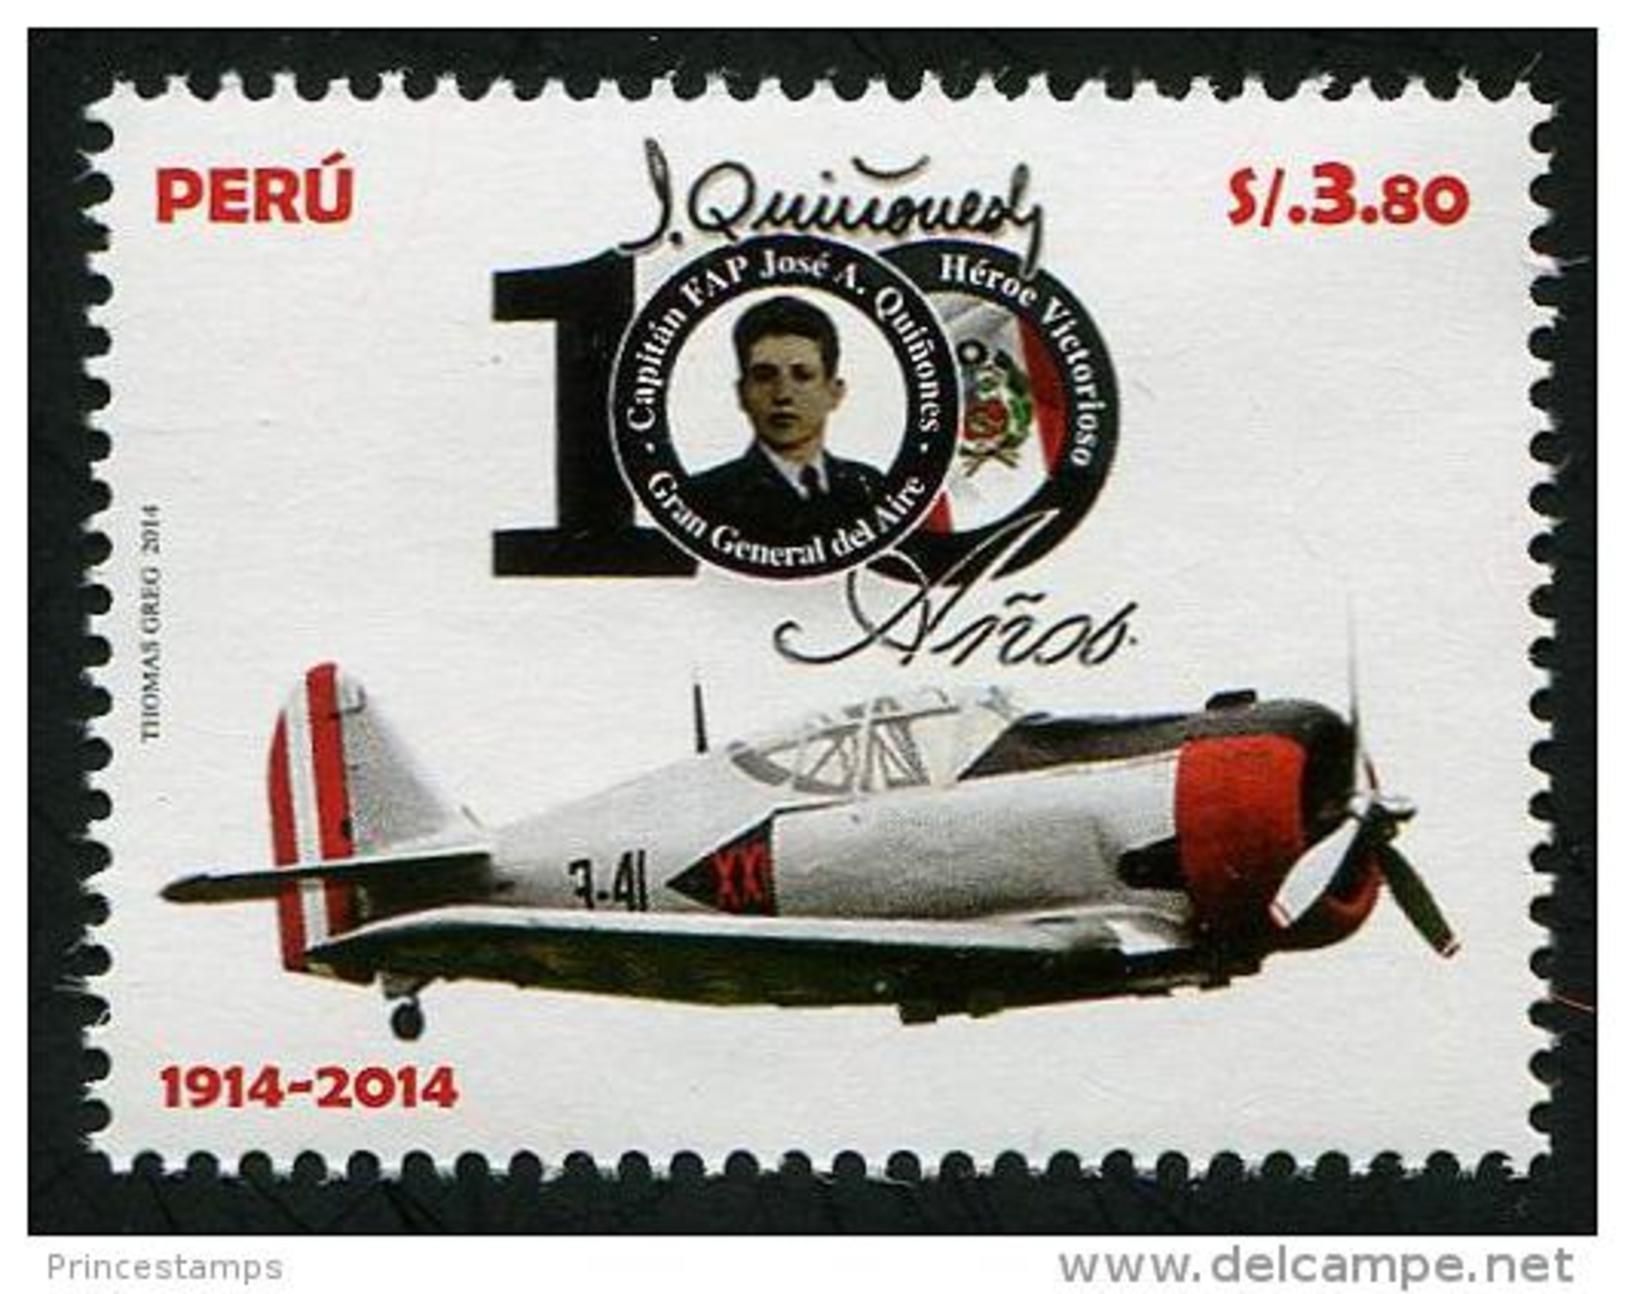 Peru (2014) - Set -   /  Airplane - Avion - Aircraft - J. Quinones - Aviones